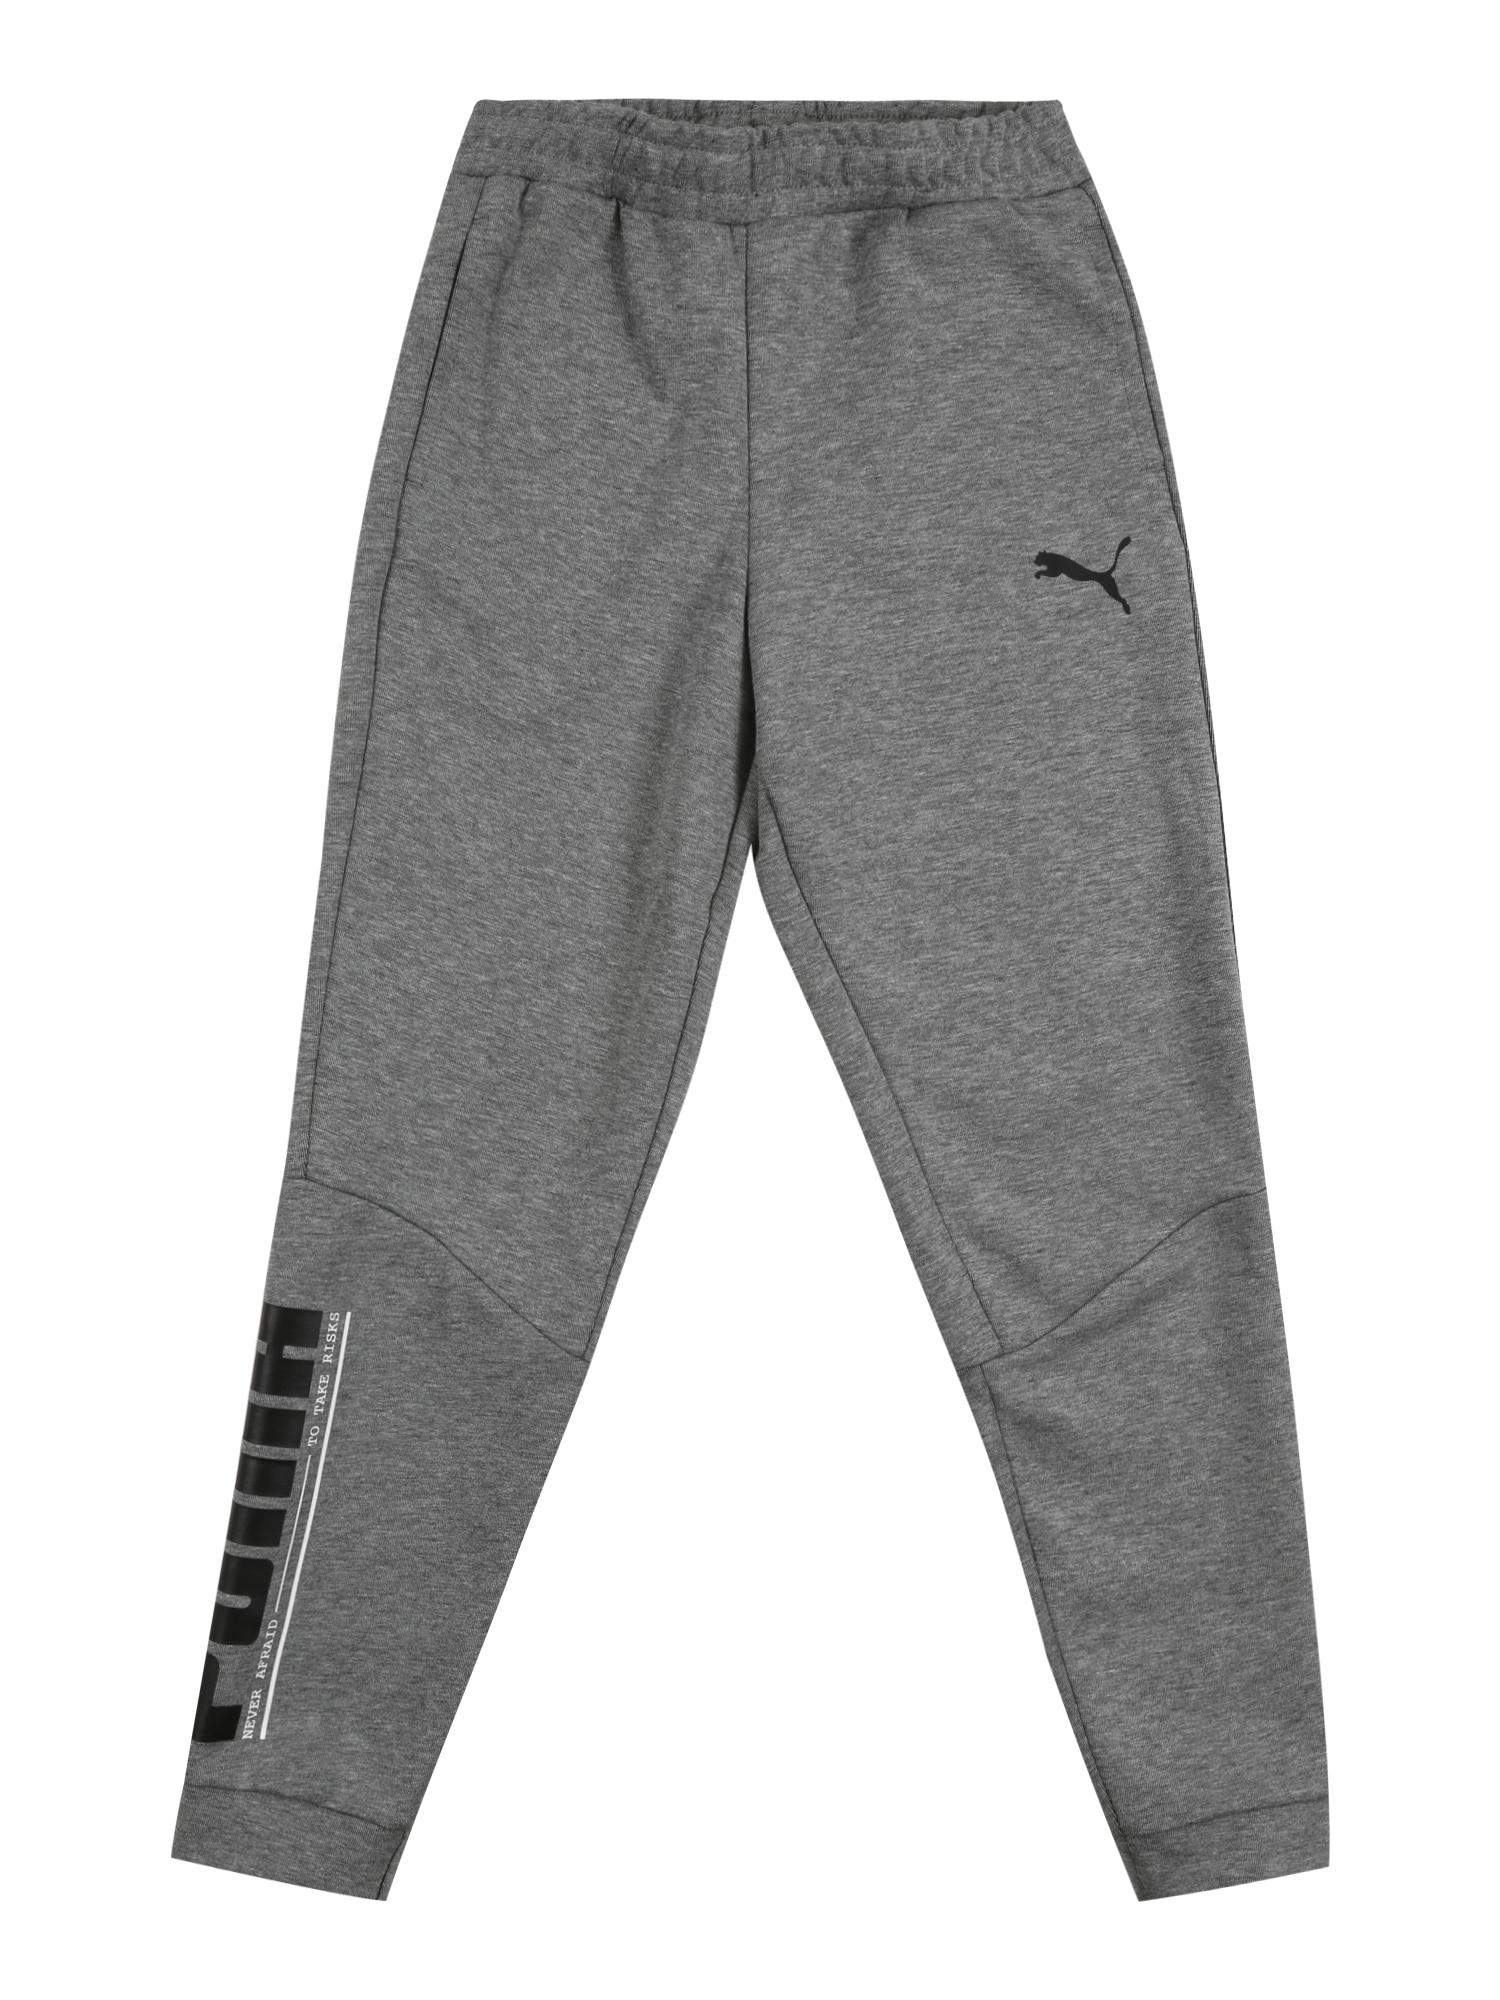 PUMA Sportinės kelnės pilka